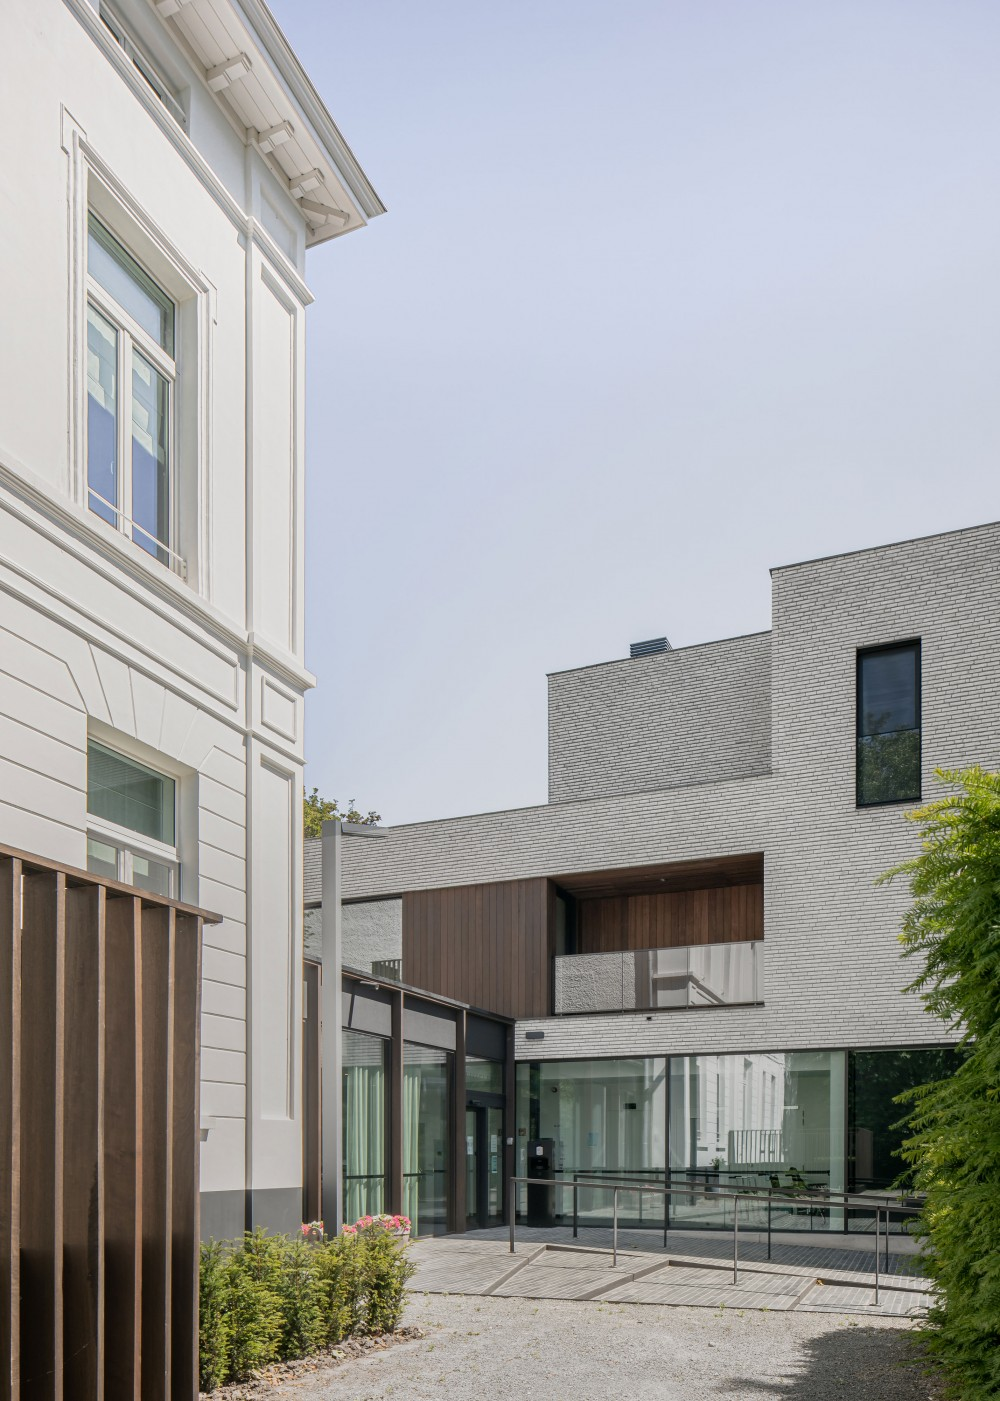 Abscis Architecten - via een centrale 'hub' worden een aantal diensten gefaciliteerd - fotografie Jeroen Verrecht